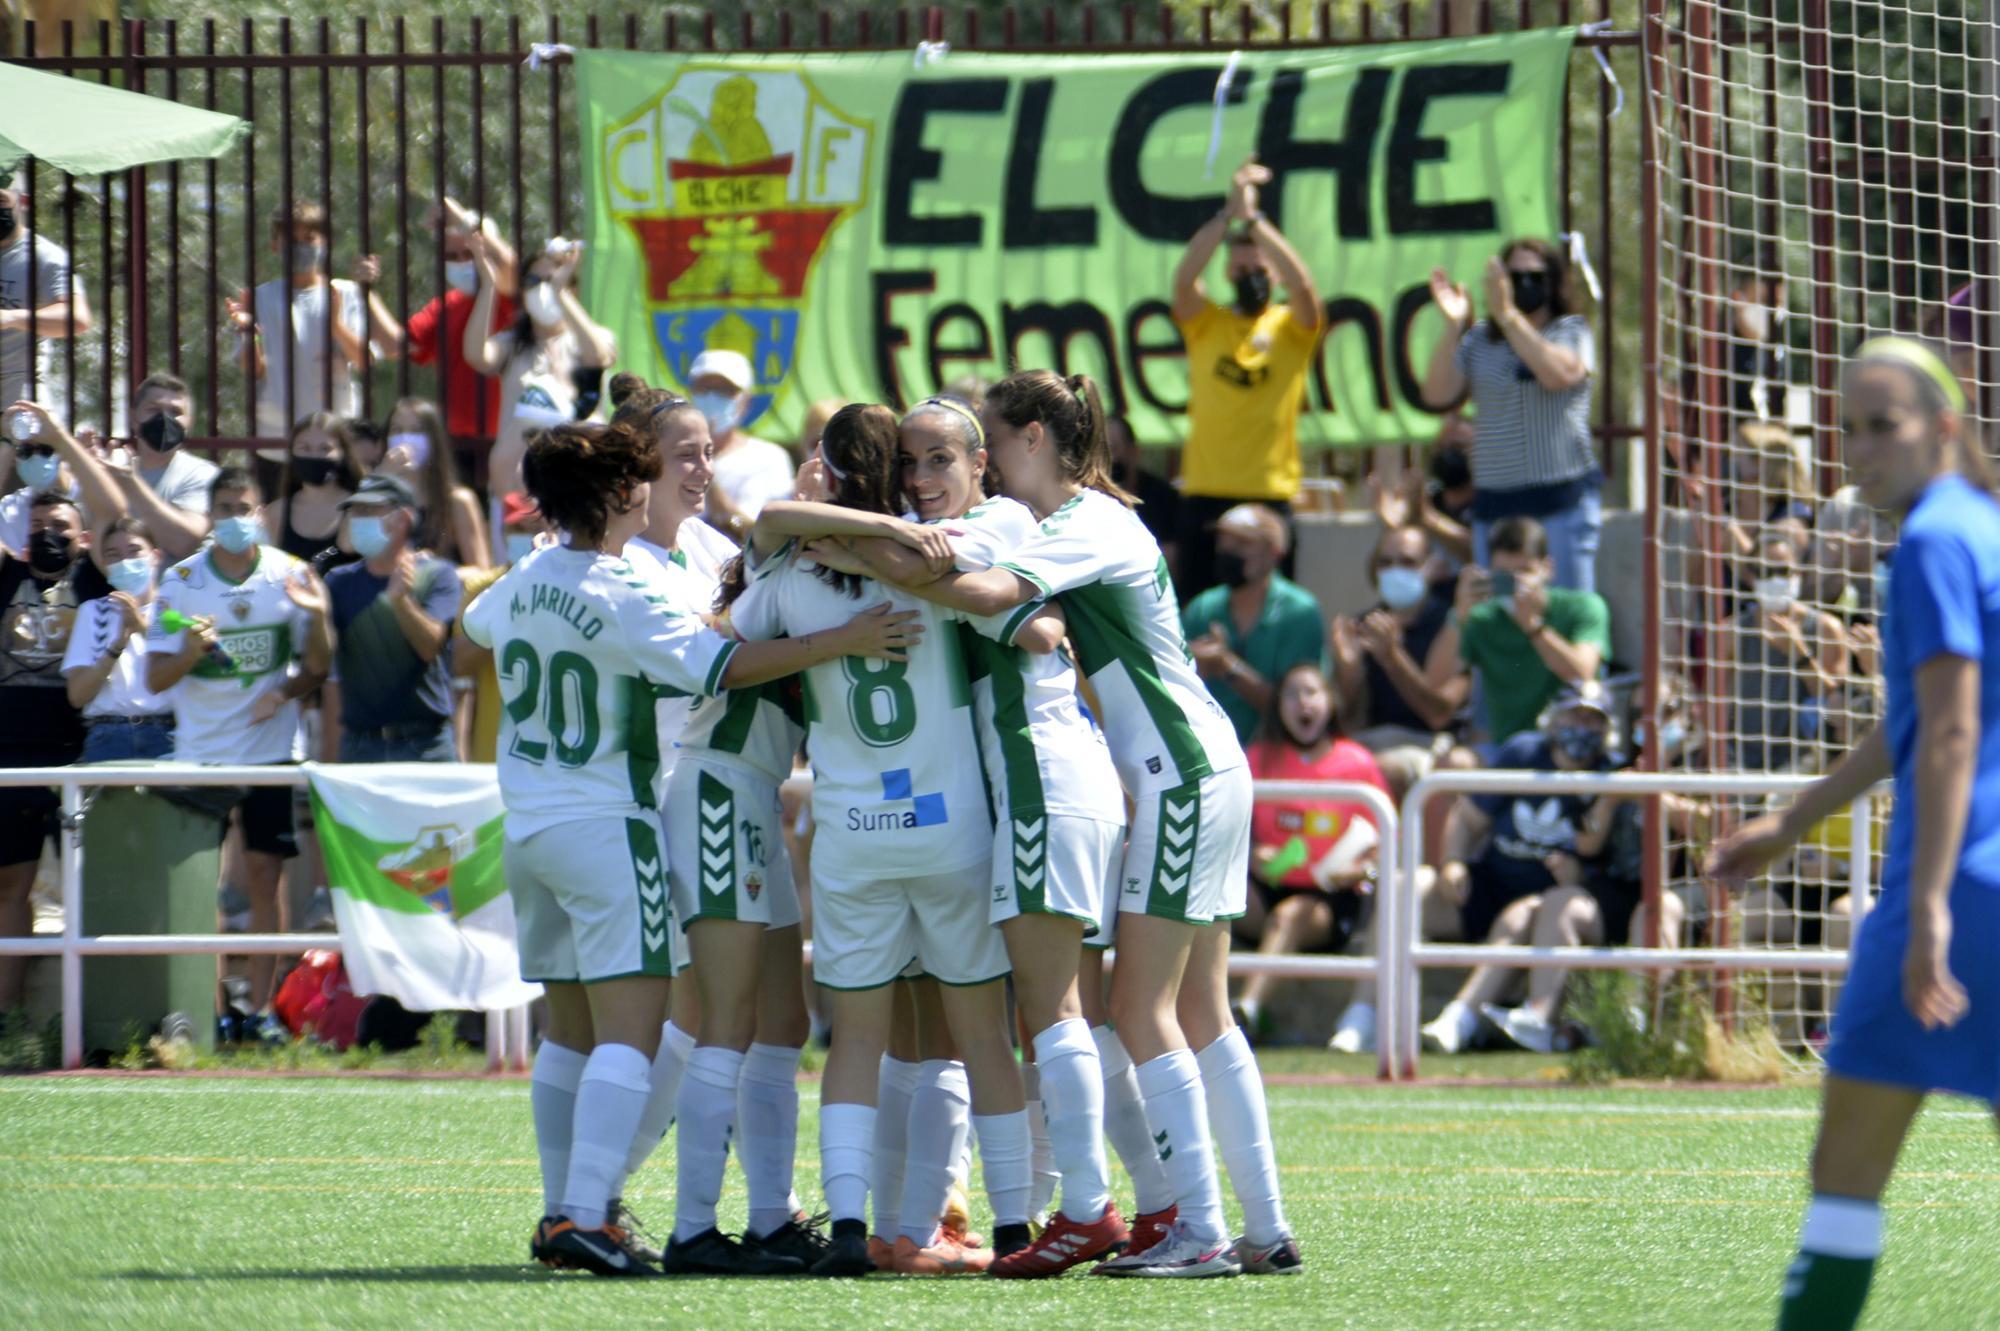 Elche CF femenino: Play off de ascenso a Segunda división